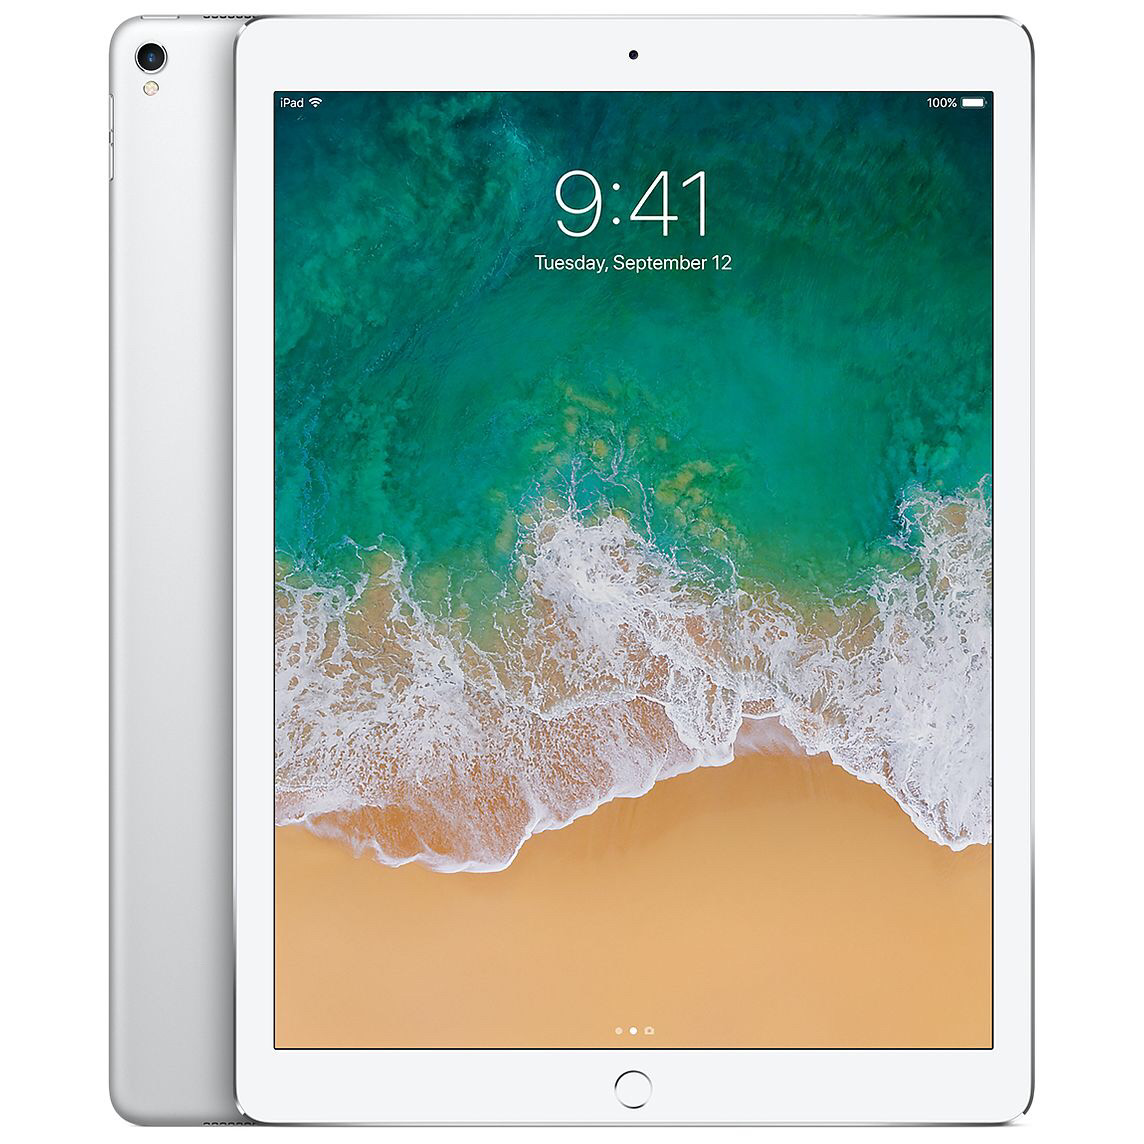 【2017】iPad Pro10.5インチのスペックや特徴、買取価格まとめ【買取クイック】